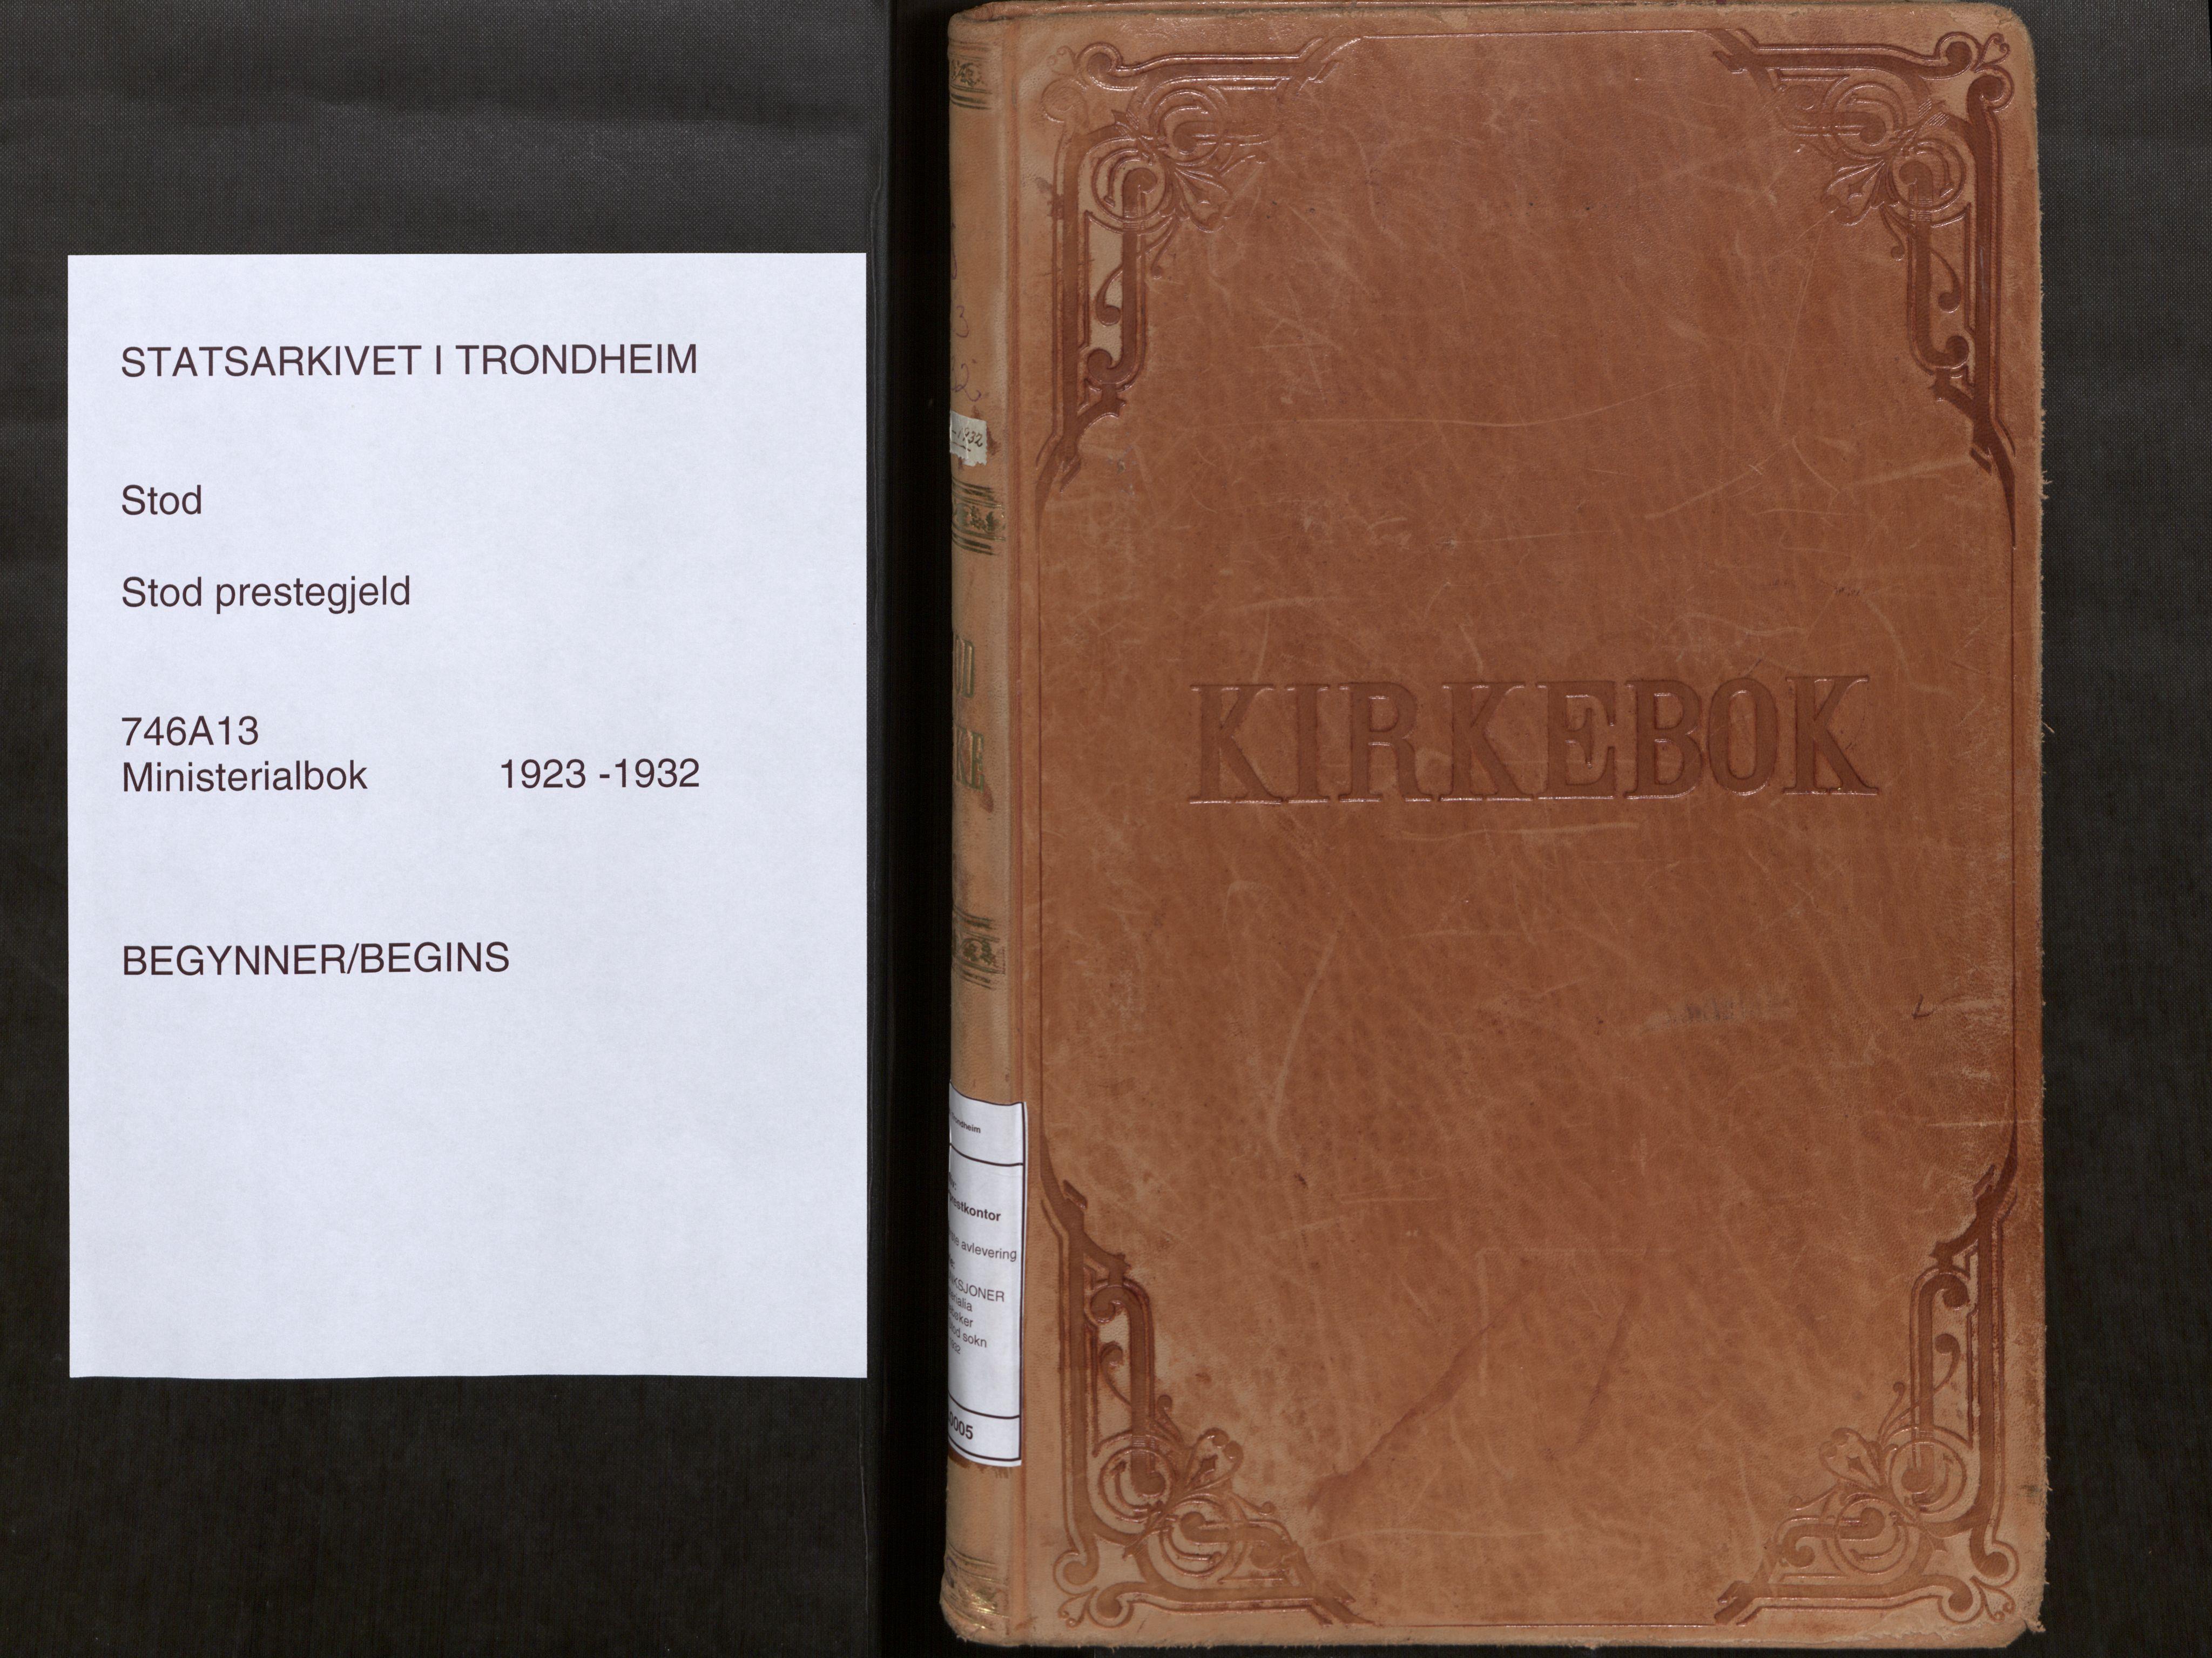 SAT, Stod sokneprestkontor, I/I1/I1a/L0005: Ministerialbok nr. 5, 1923-1932